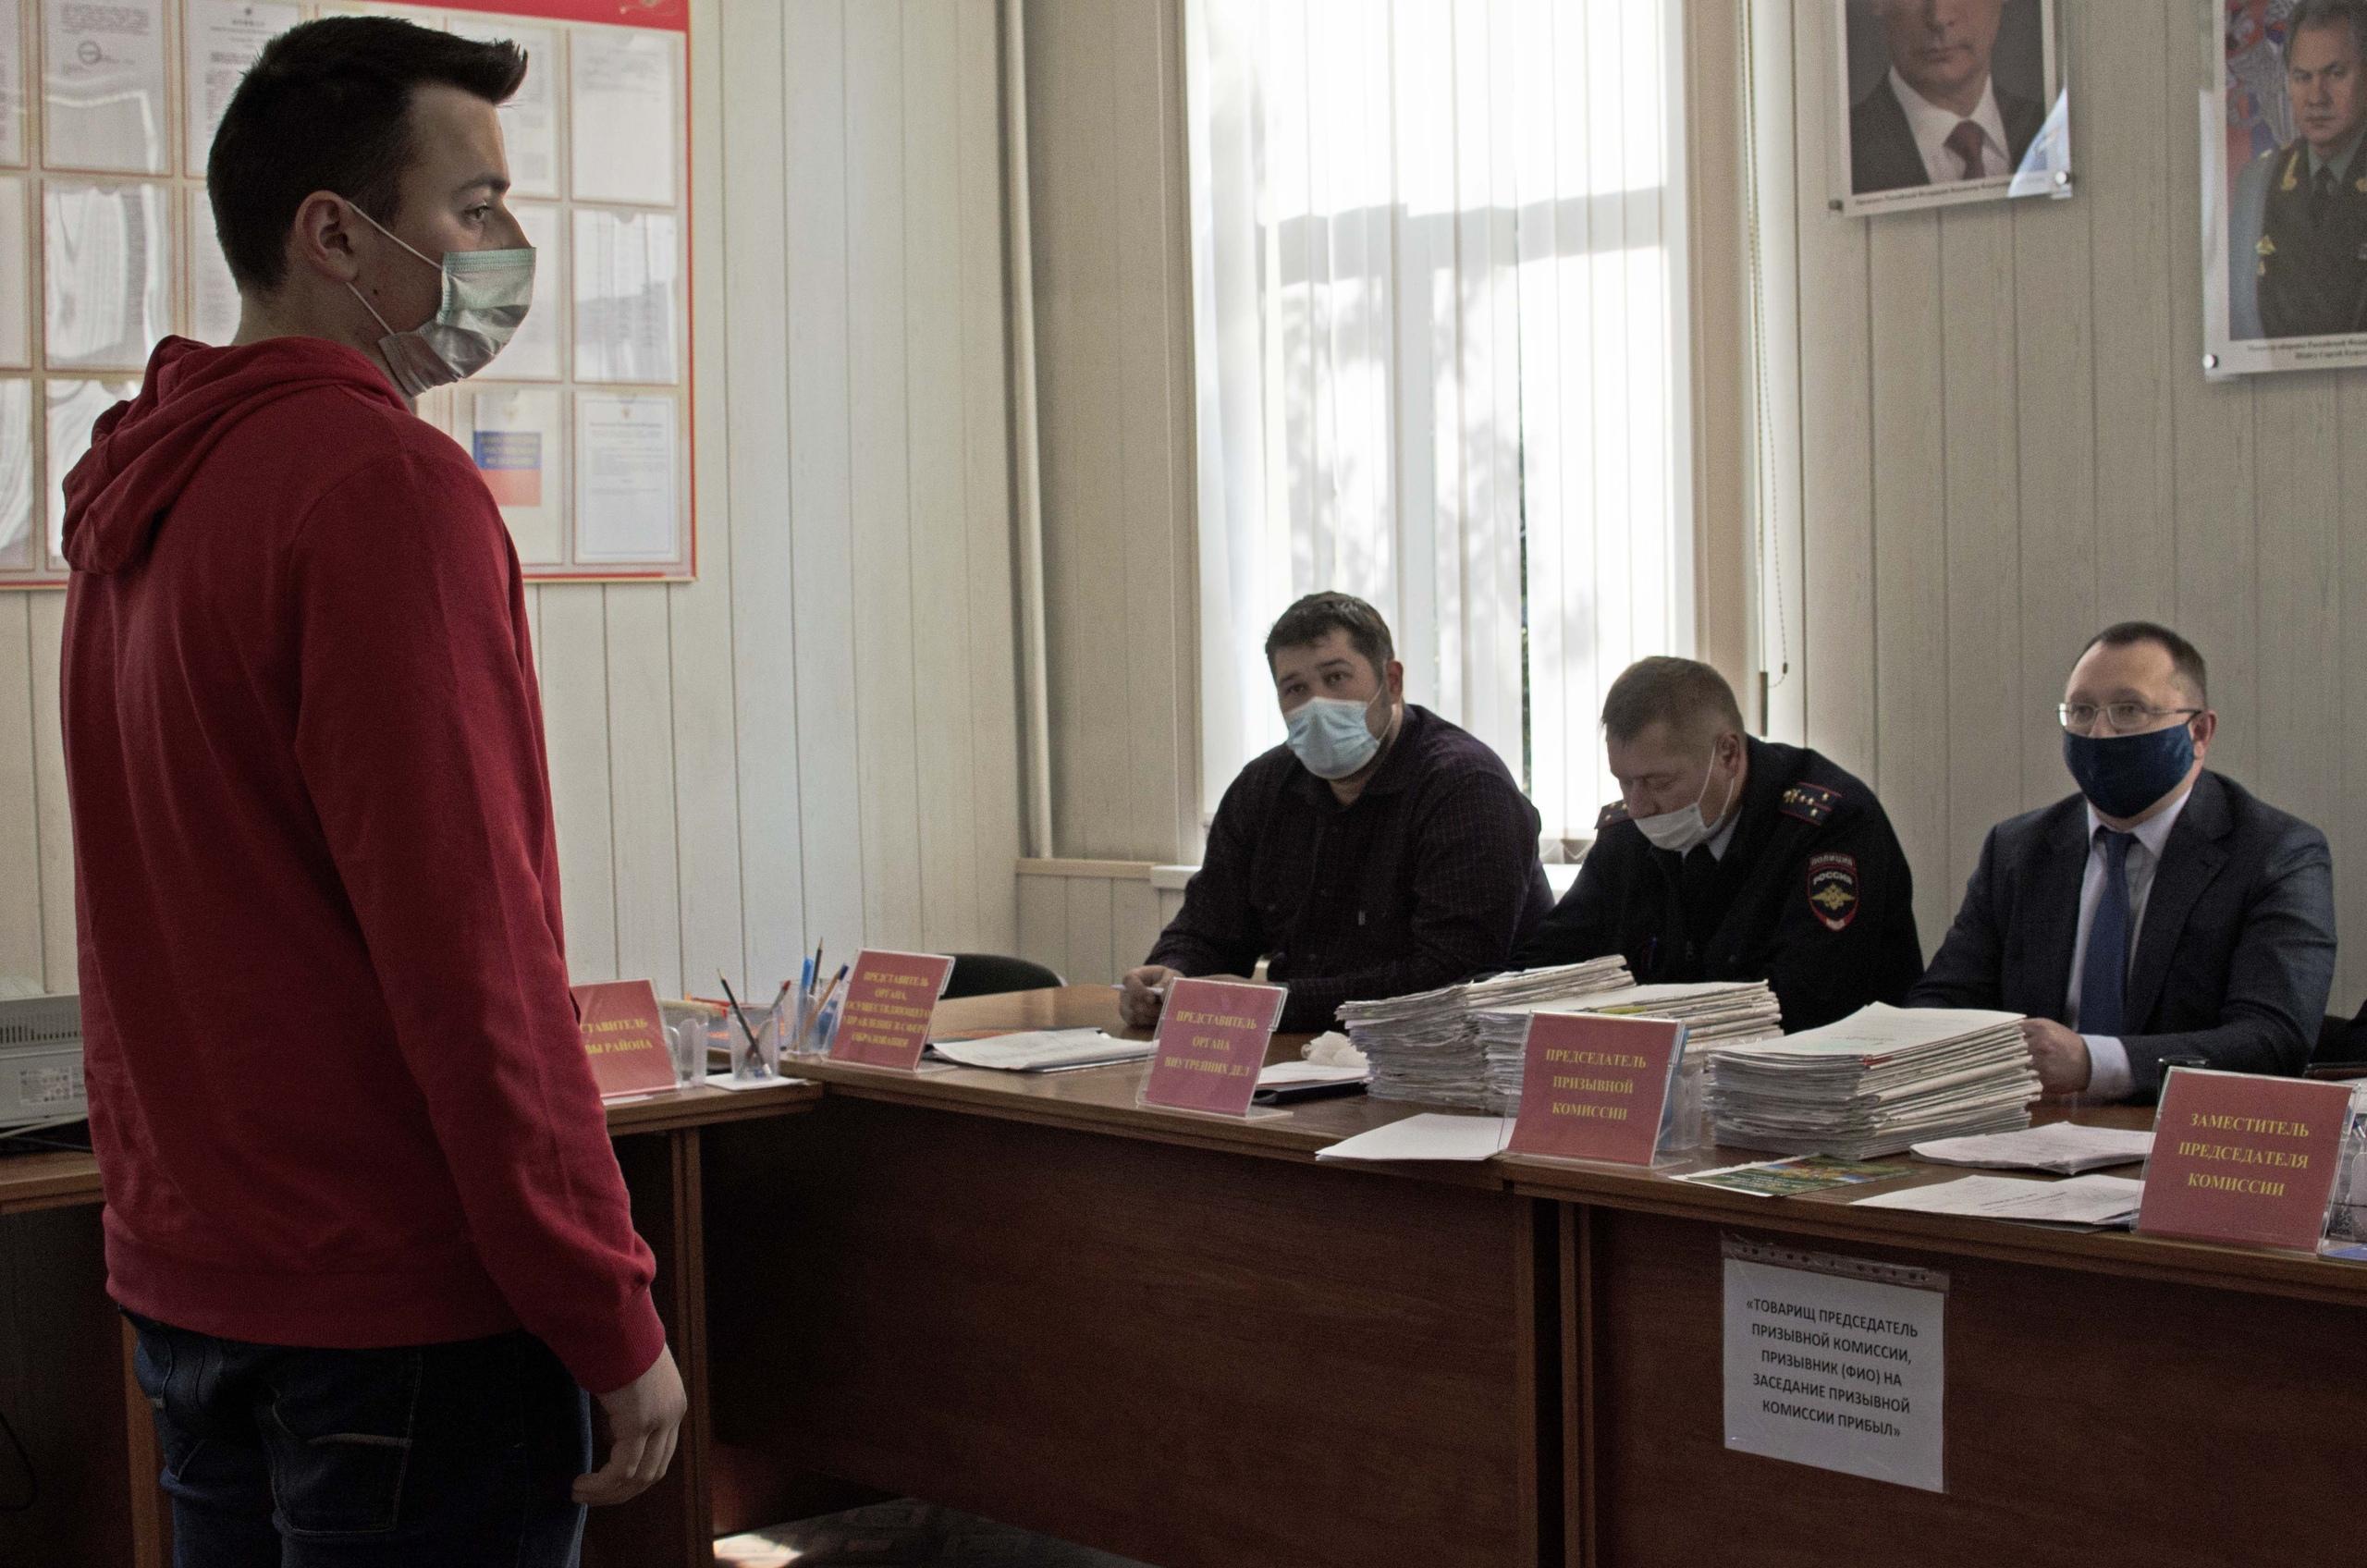 Начало осенней призывной кампании объявили в Орехове-Борисове Южном